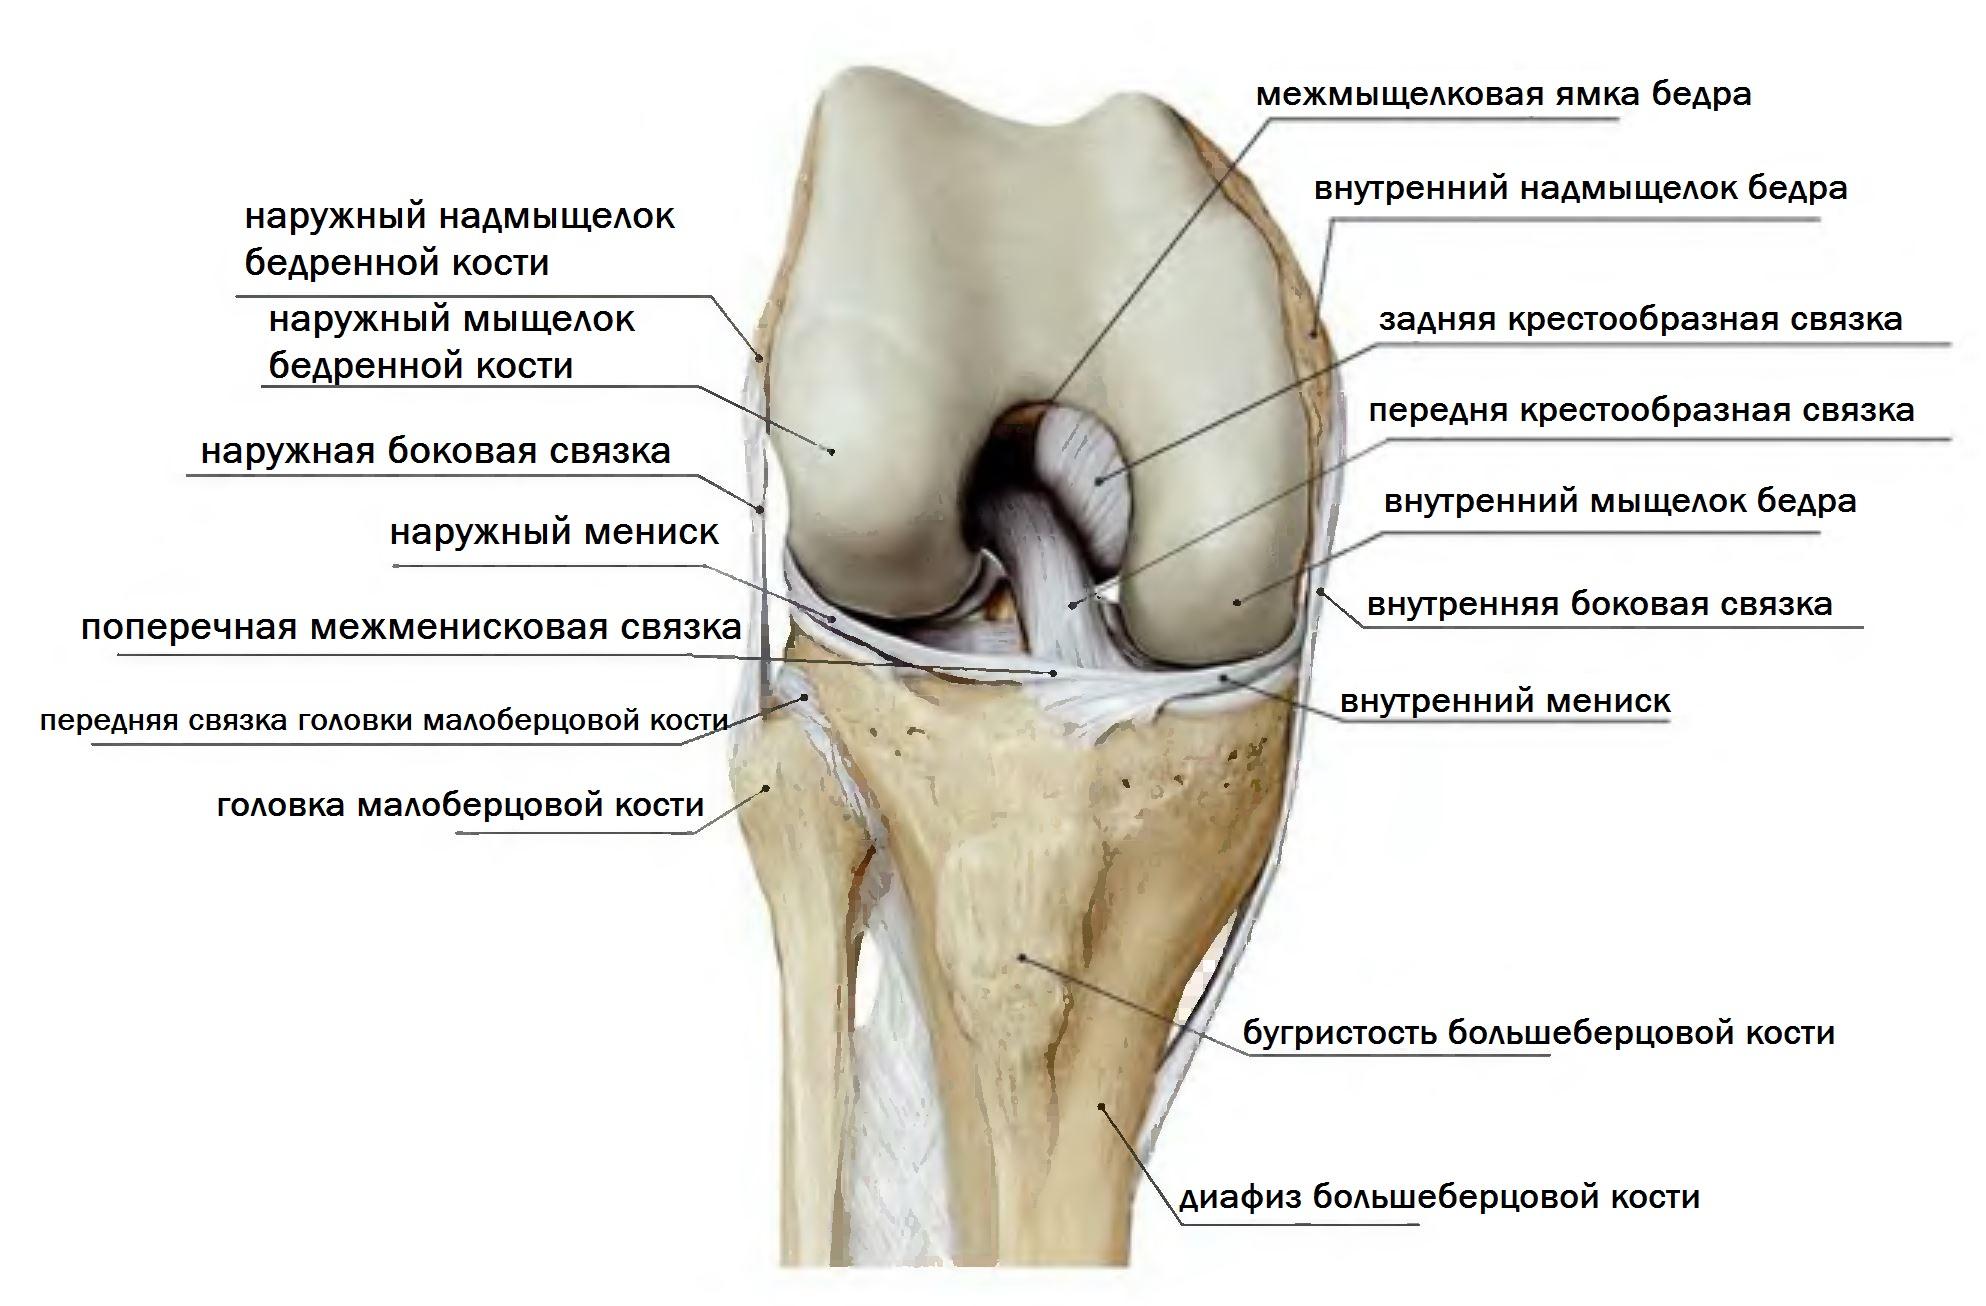 МРТ коленного сустава, строение